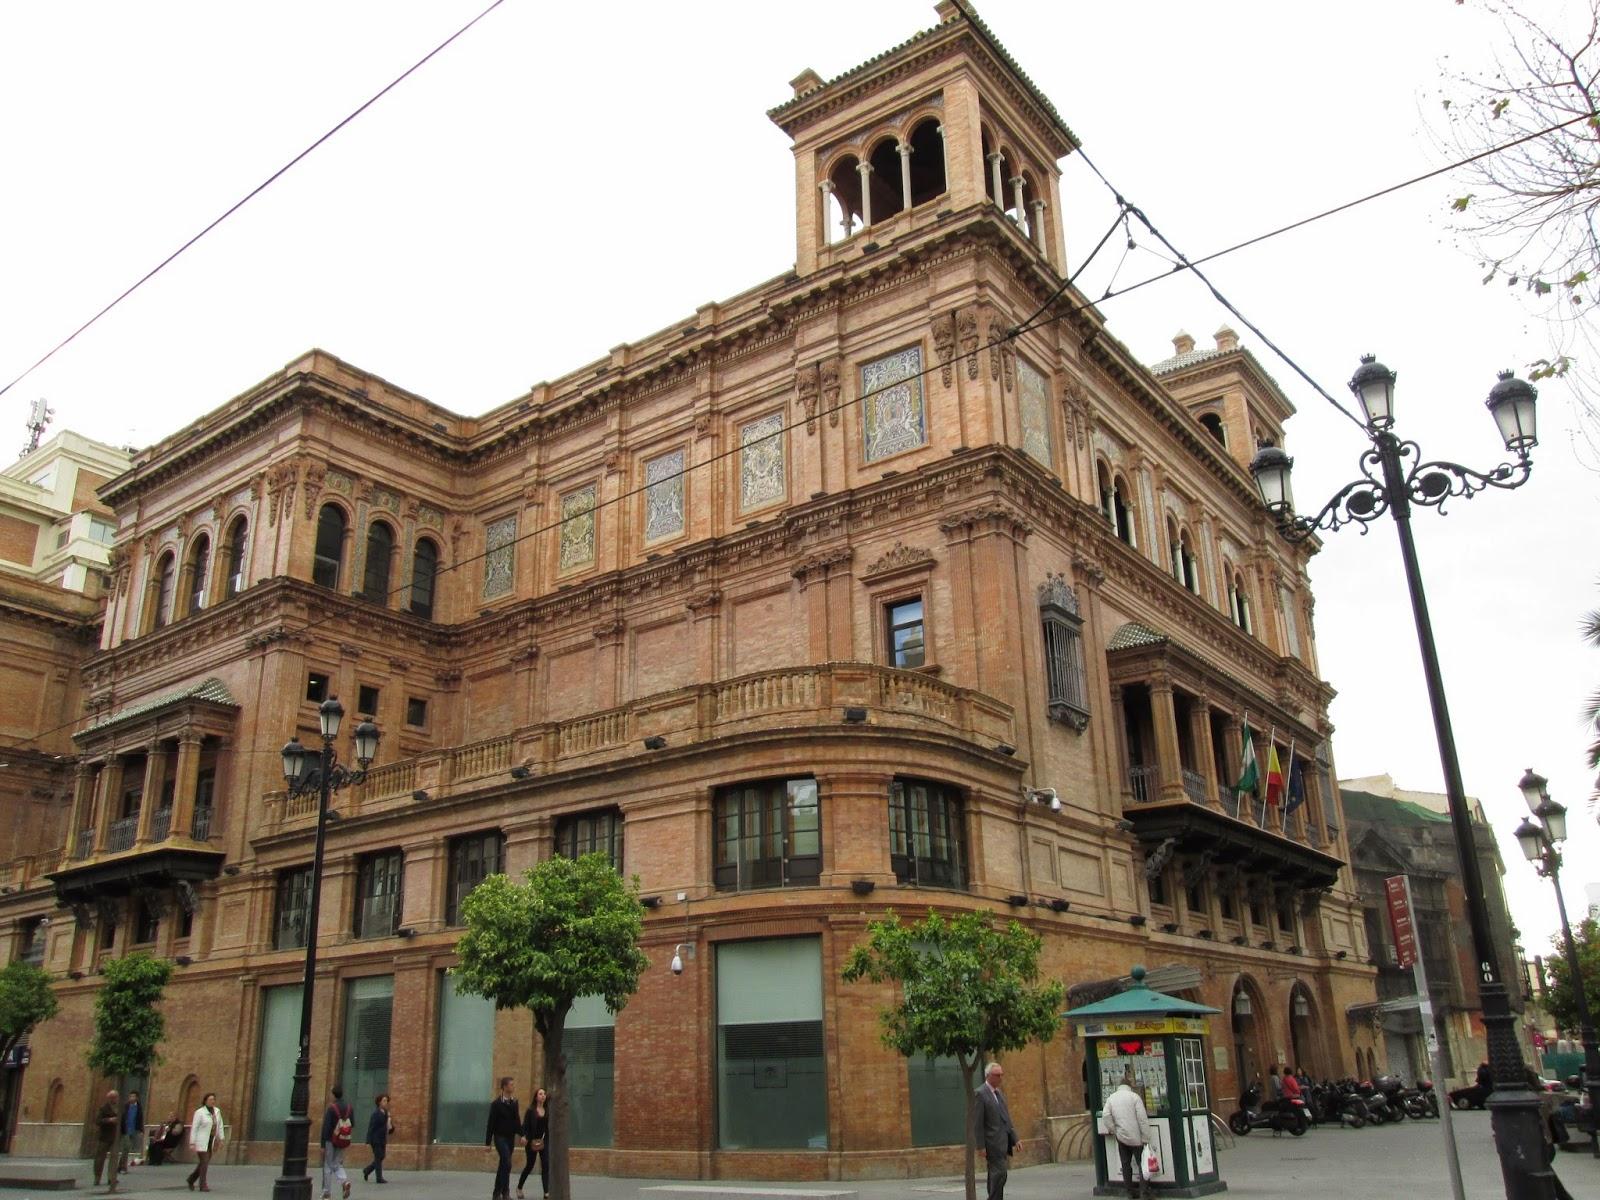 Declaraci n de intenciones arquitectura del regionalismo y otros ismos en la avenida de la - La casa de luca ...